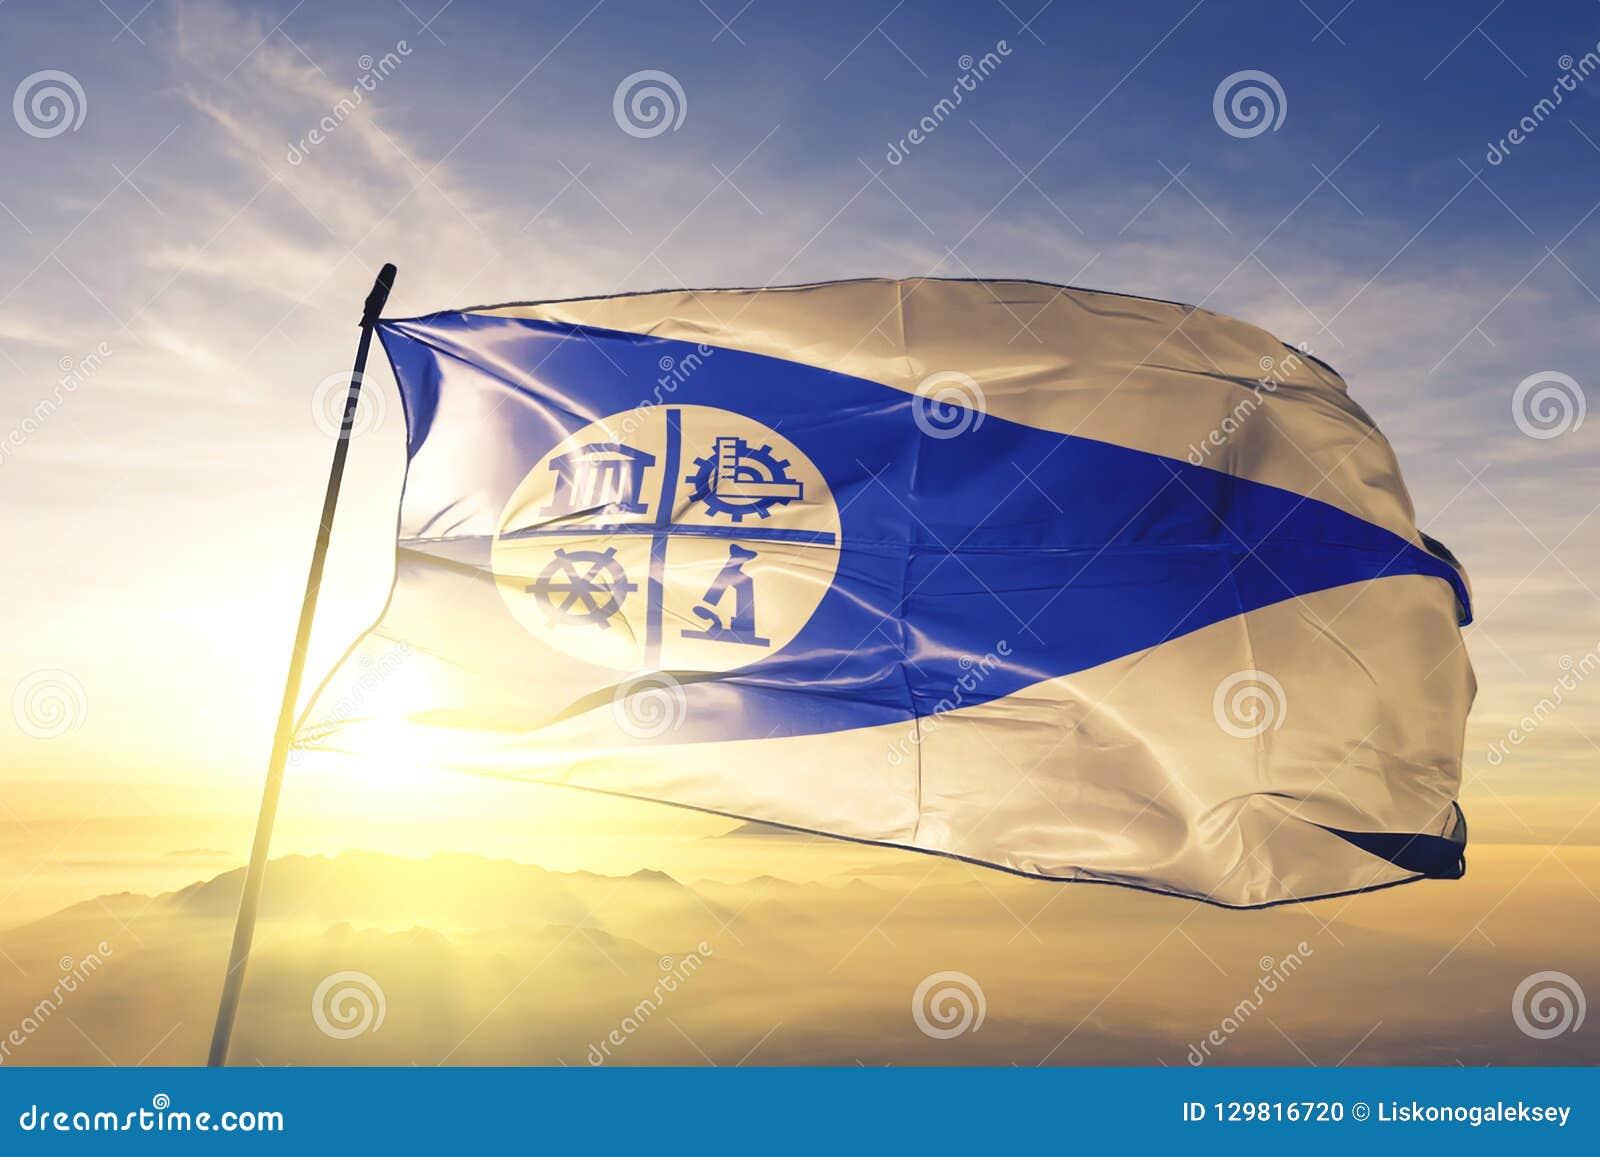 Ciudad de Minneapolis de la tela del paño de la materia textil de la bandera de Estados Unidos que agita en la niebla superior de